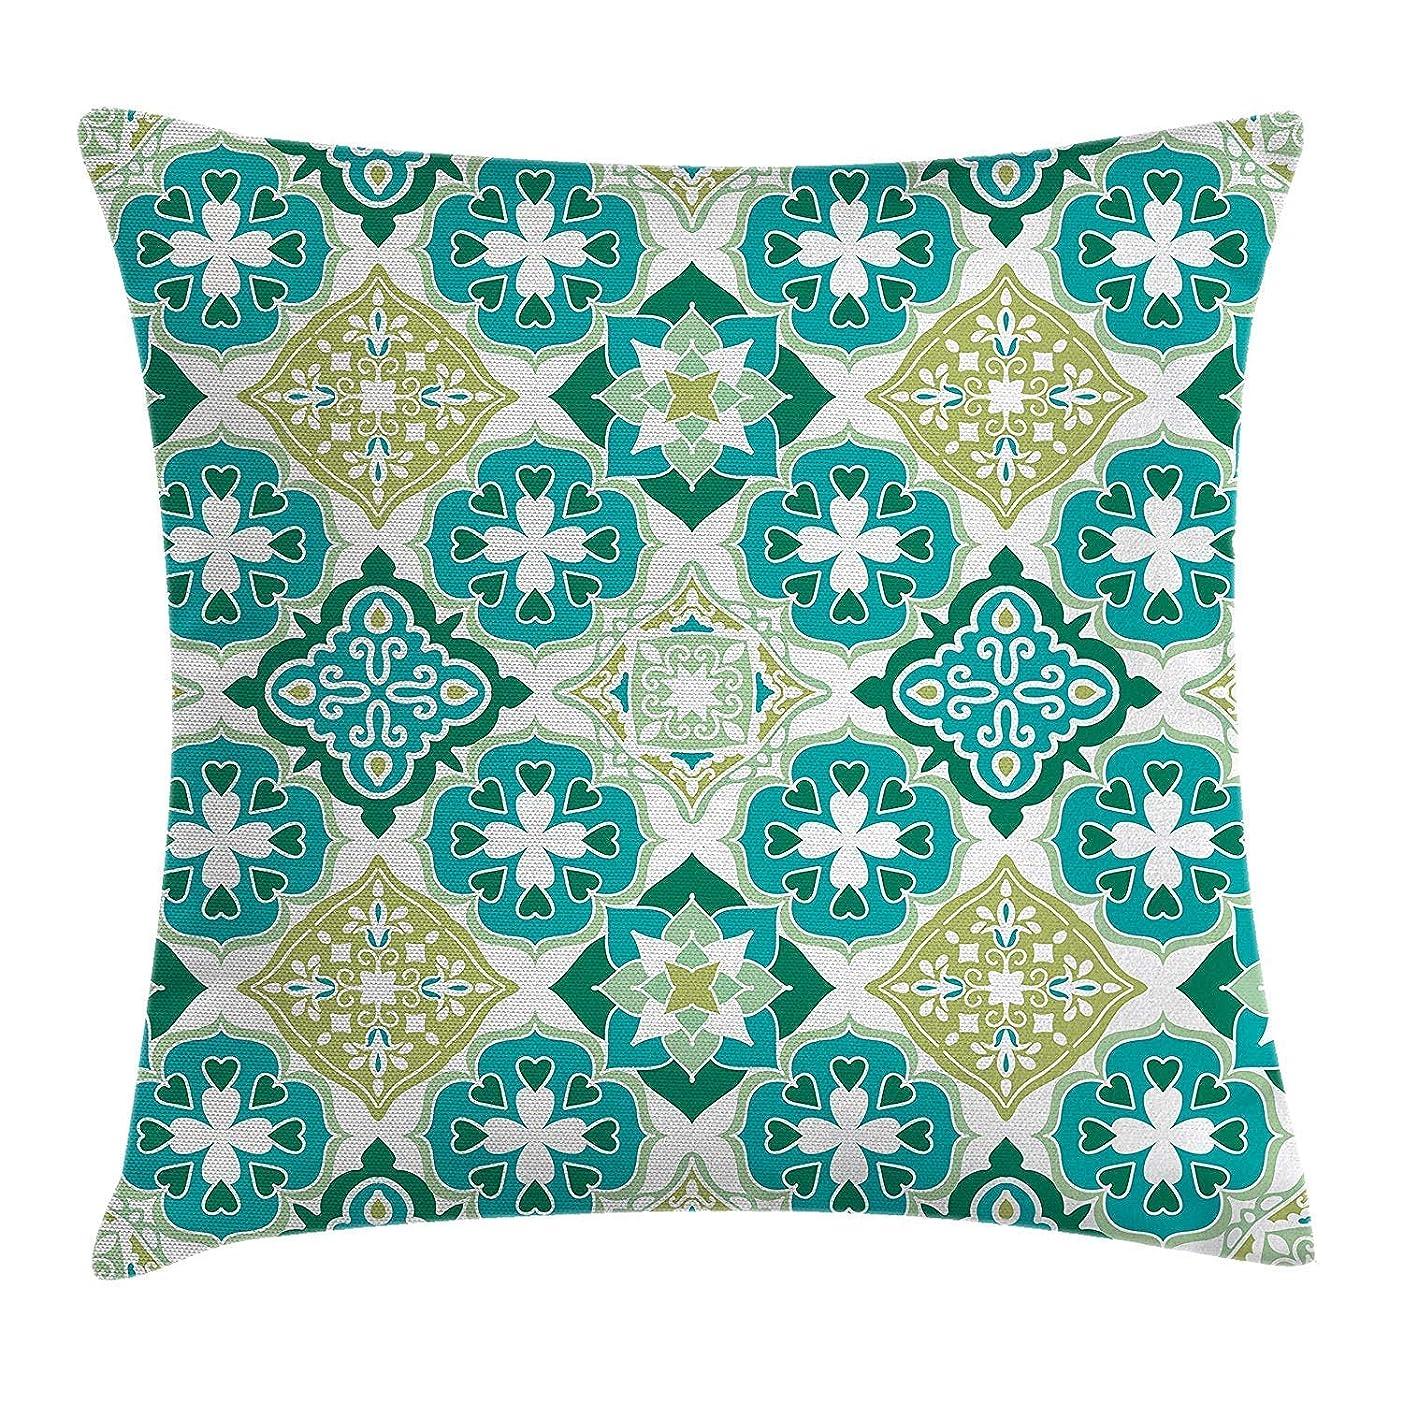 気怠い親愛なメダリストモロッコ投げ枕クッションカバー、幾何学的な対角線と三角形の形のクラフトと着色タイルパターン、装飾的な正方形のアクセント枕ケース、18 x 18インチ、グリーンティールホワイト